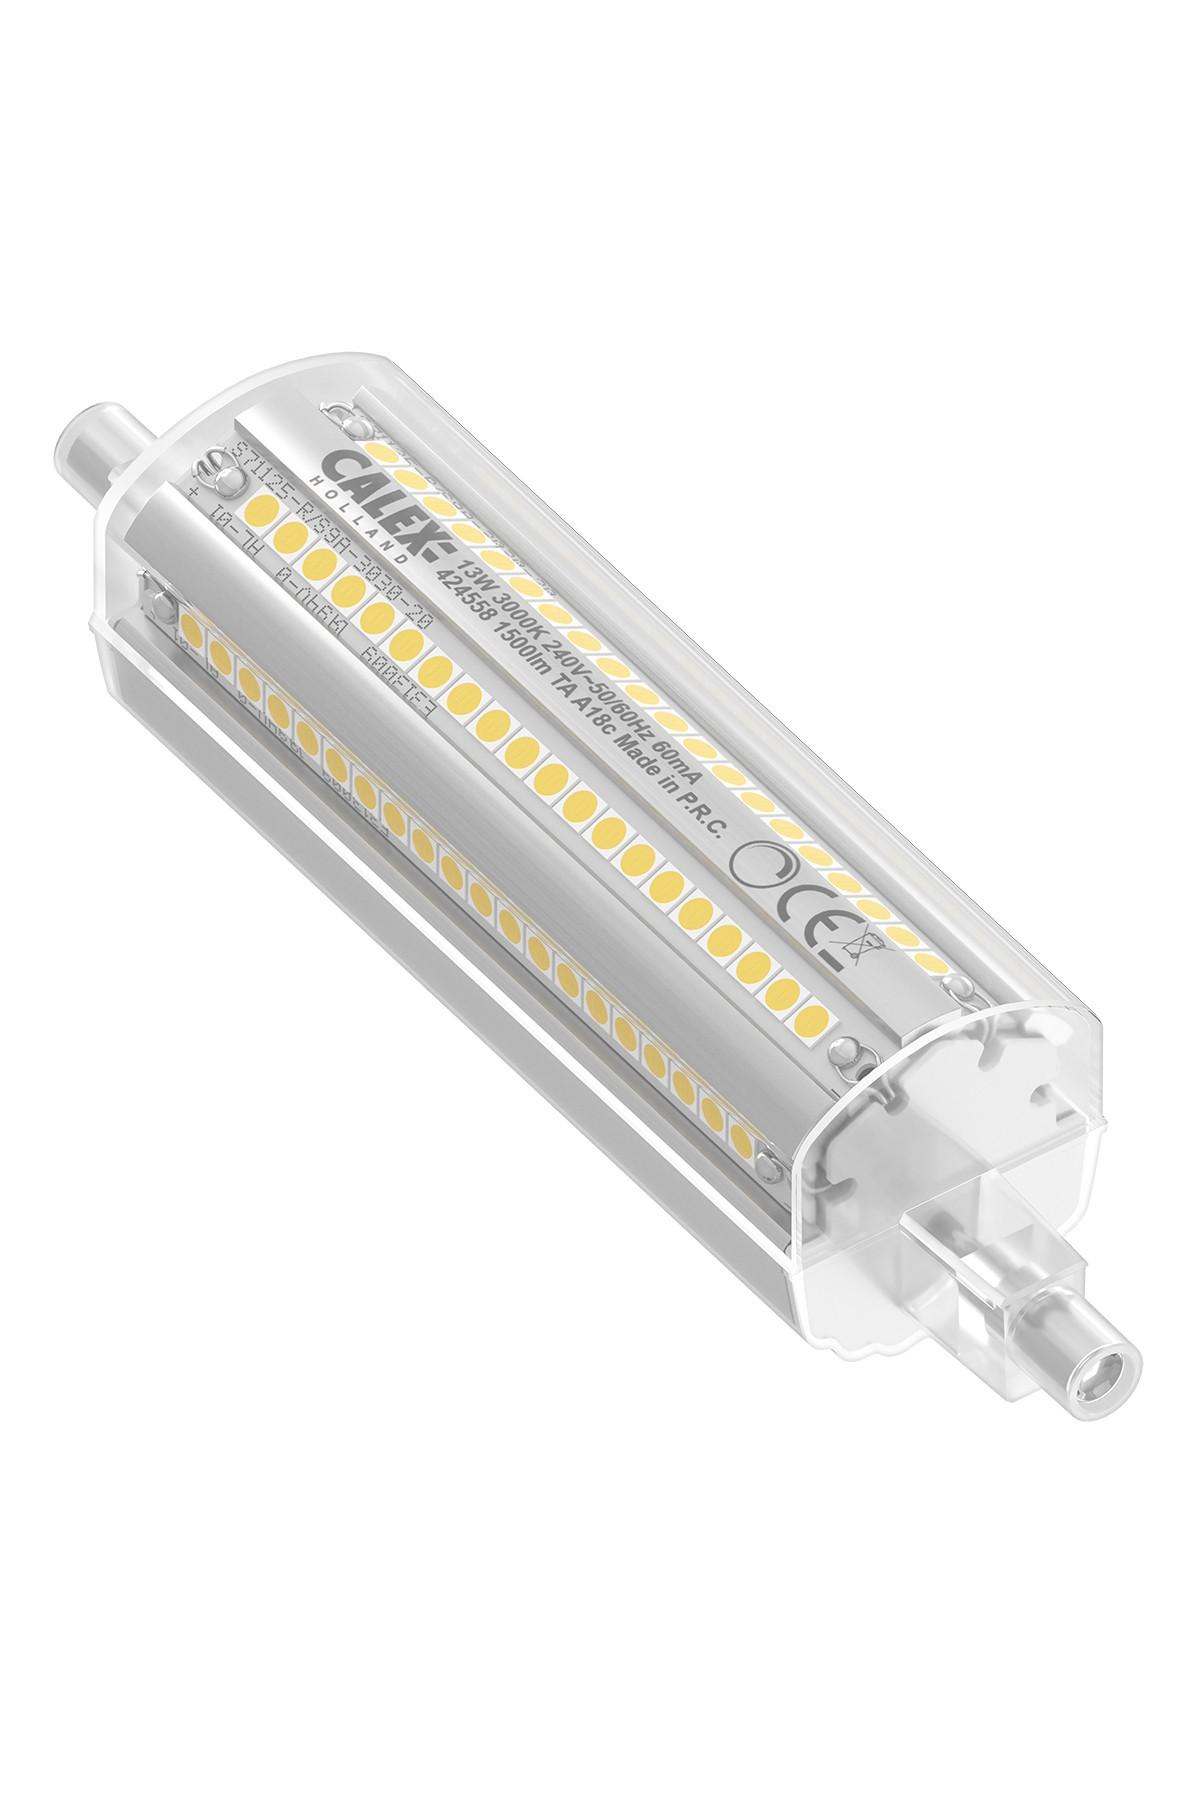 Calex LED lamp R7s 240V 13W 1500lm, 3000K dimbaar